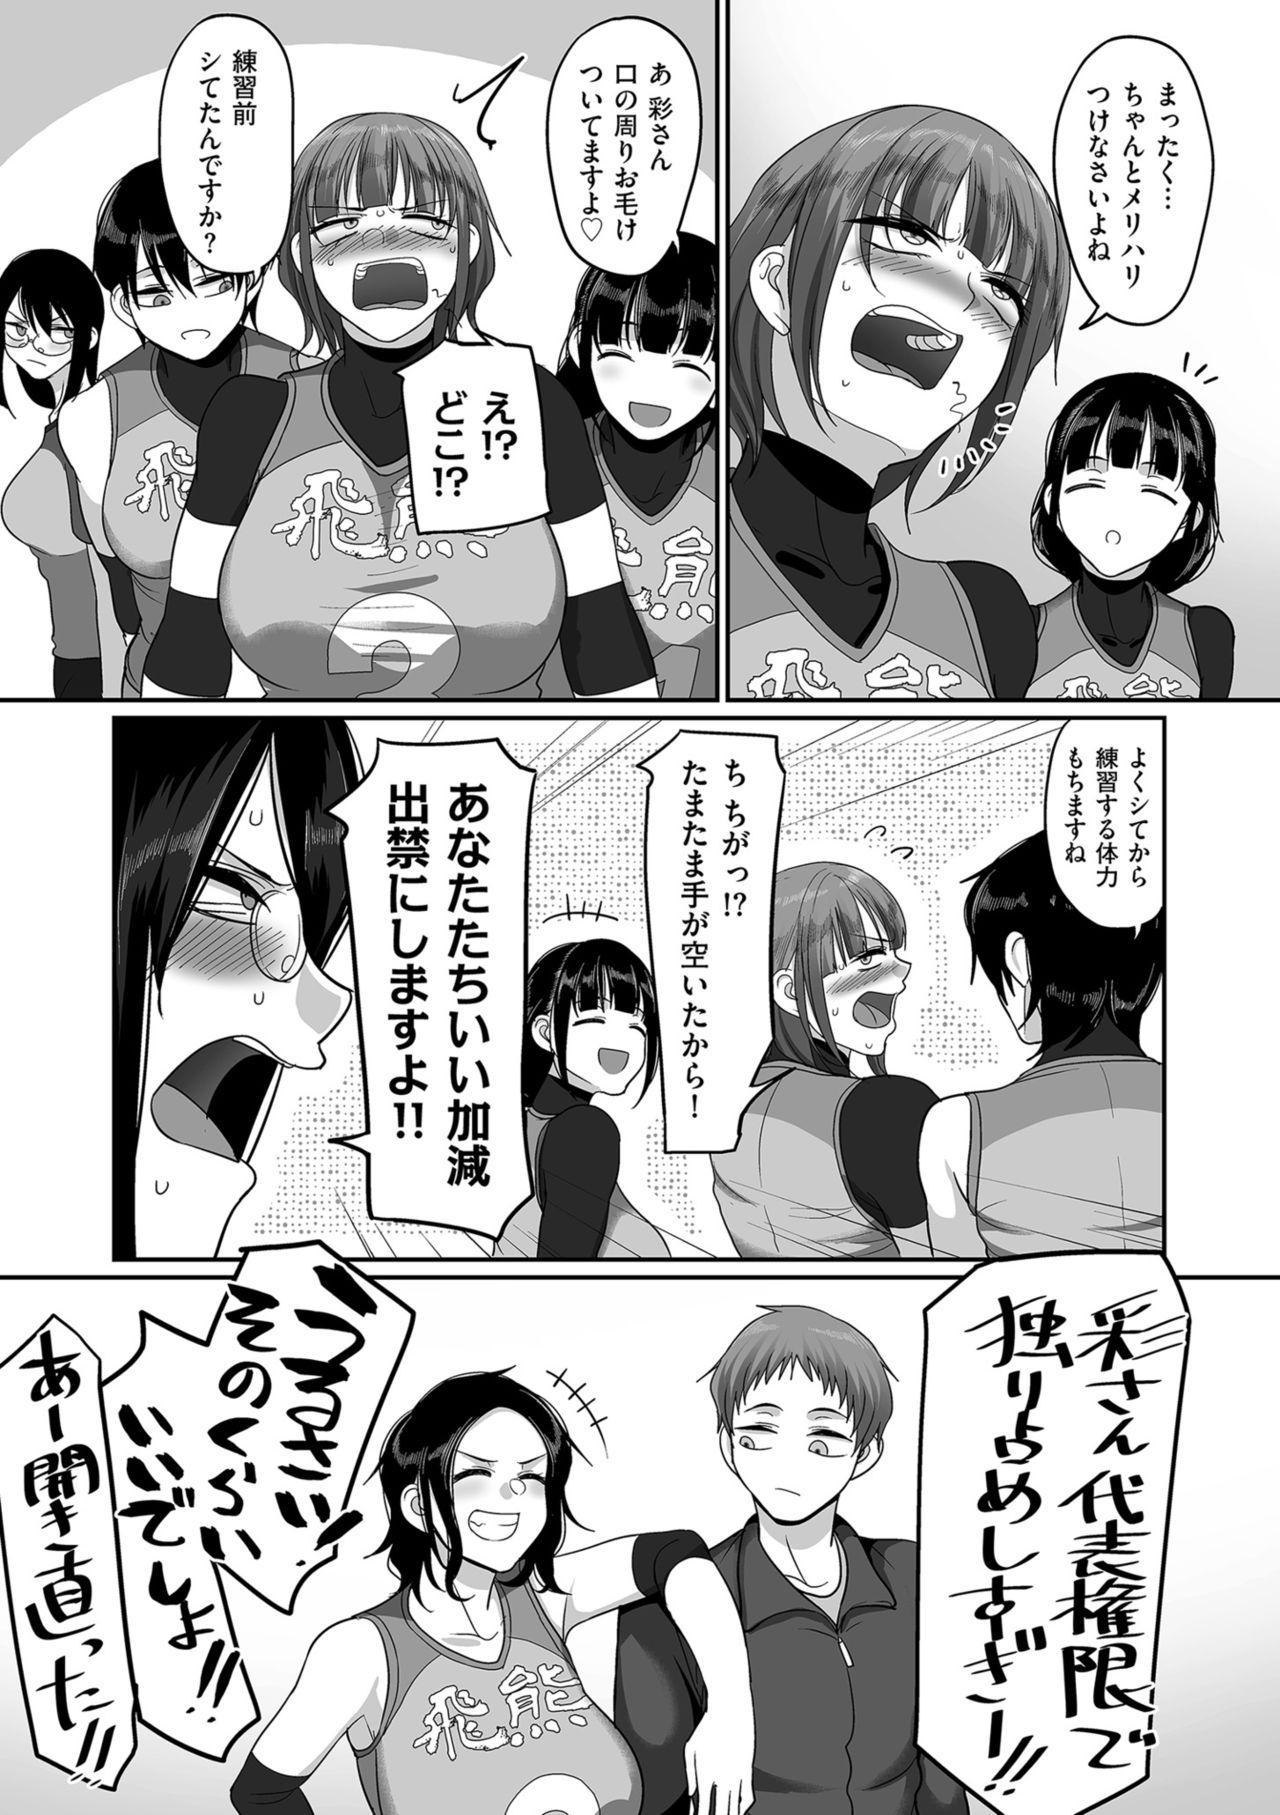 [Yamamoto Zenzen] S-ken K-shi Shakaijin Joshi Volleyball Circle no Jijou [Digital] 216